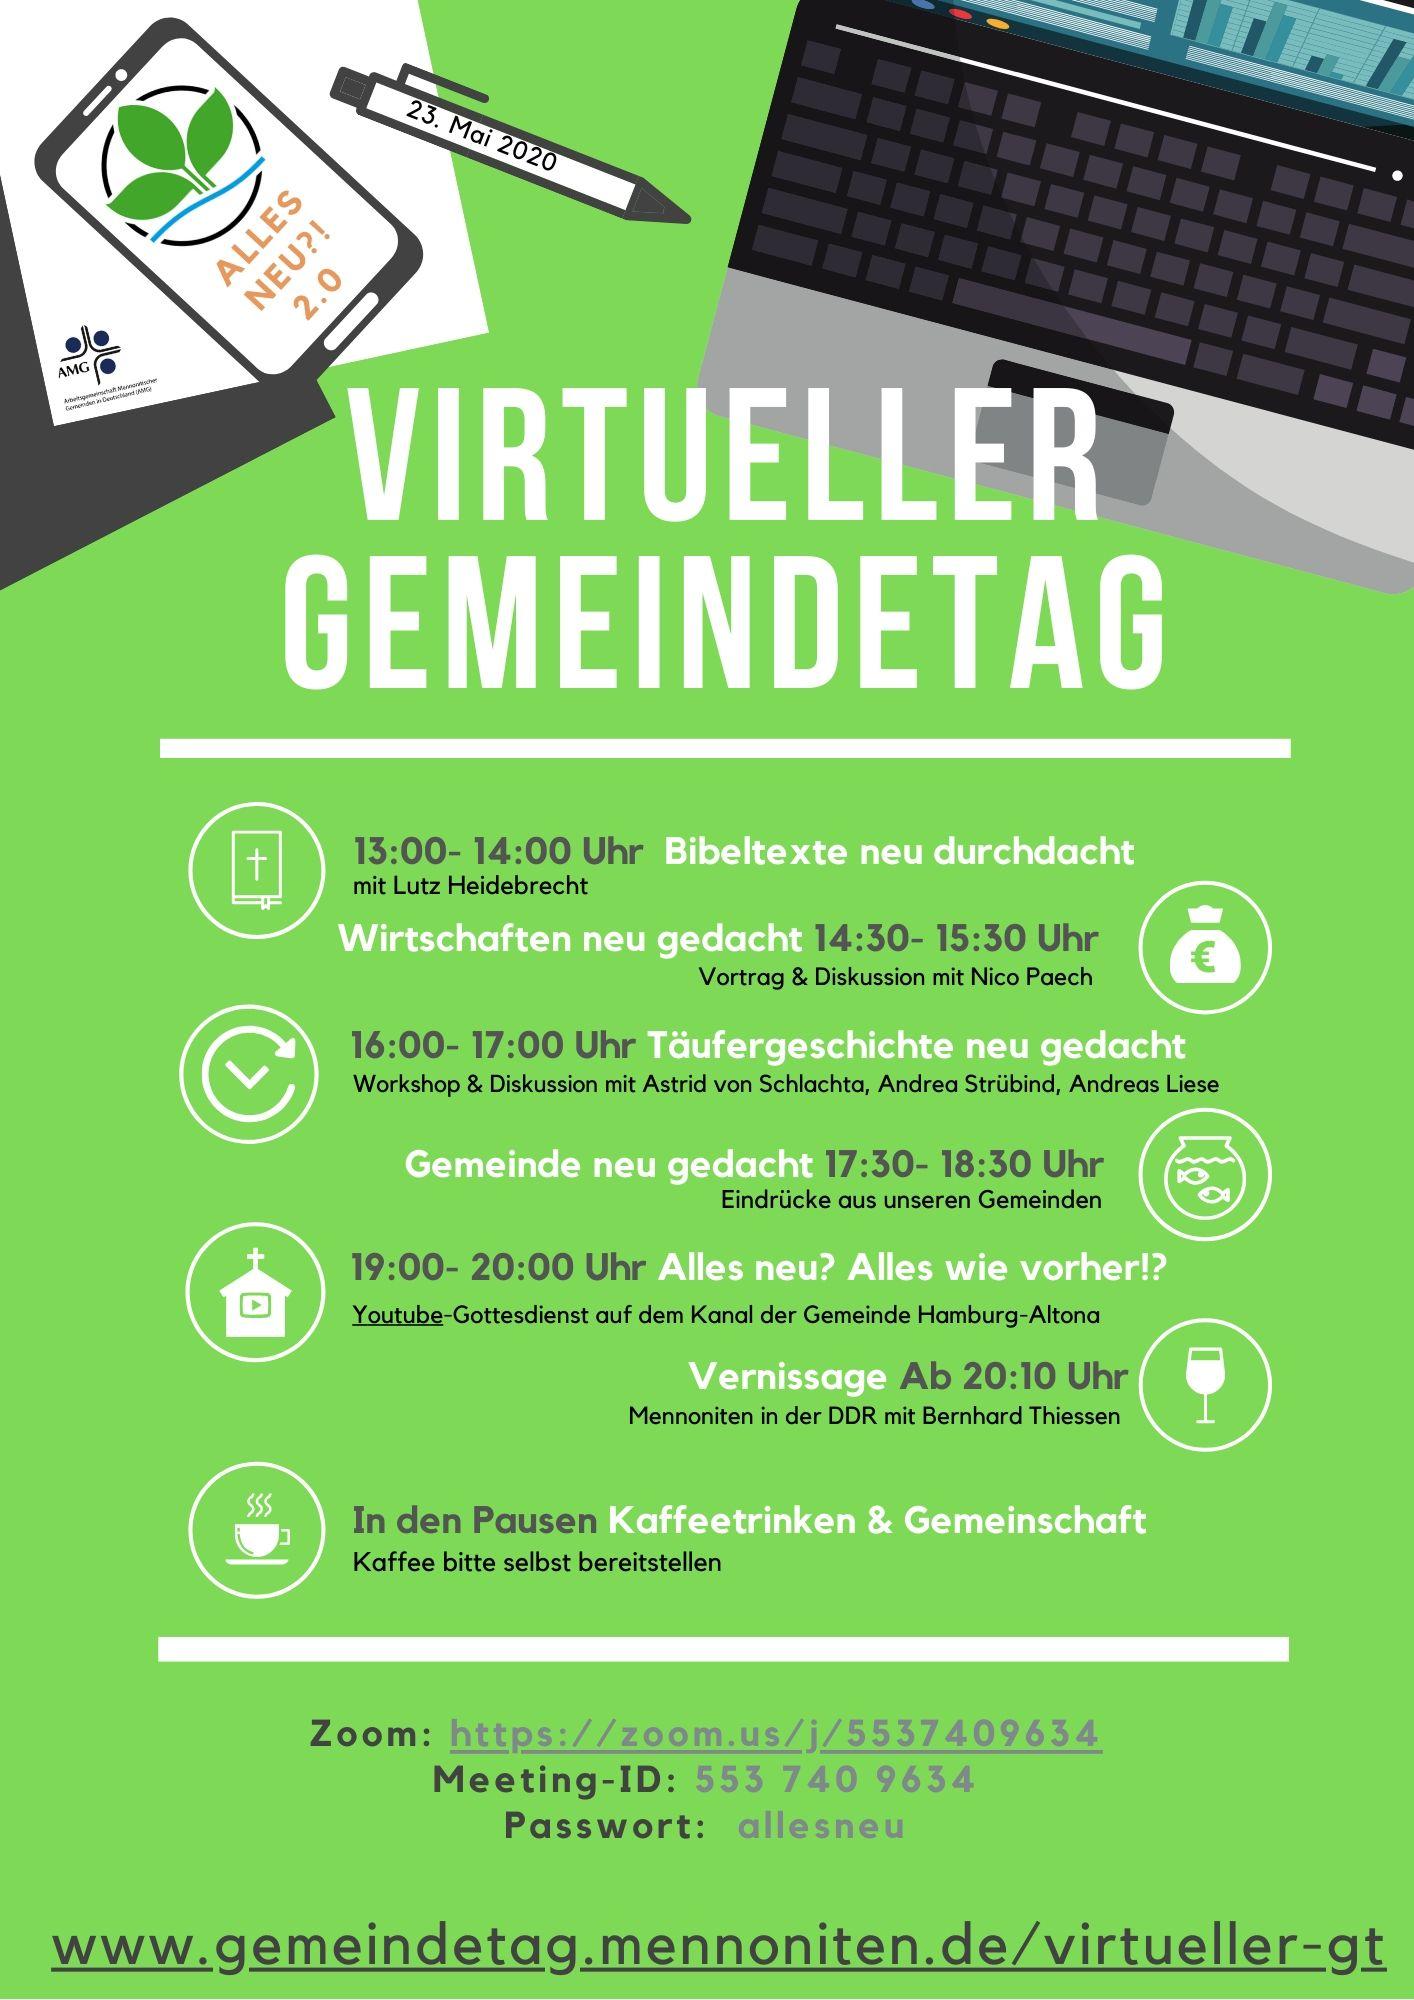 Programm des Virtuellen Gemeindetags am 23.05.2020